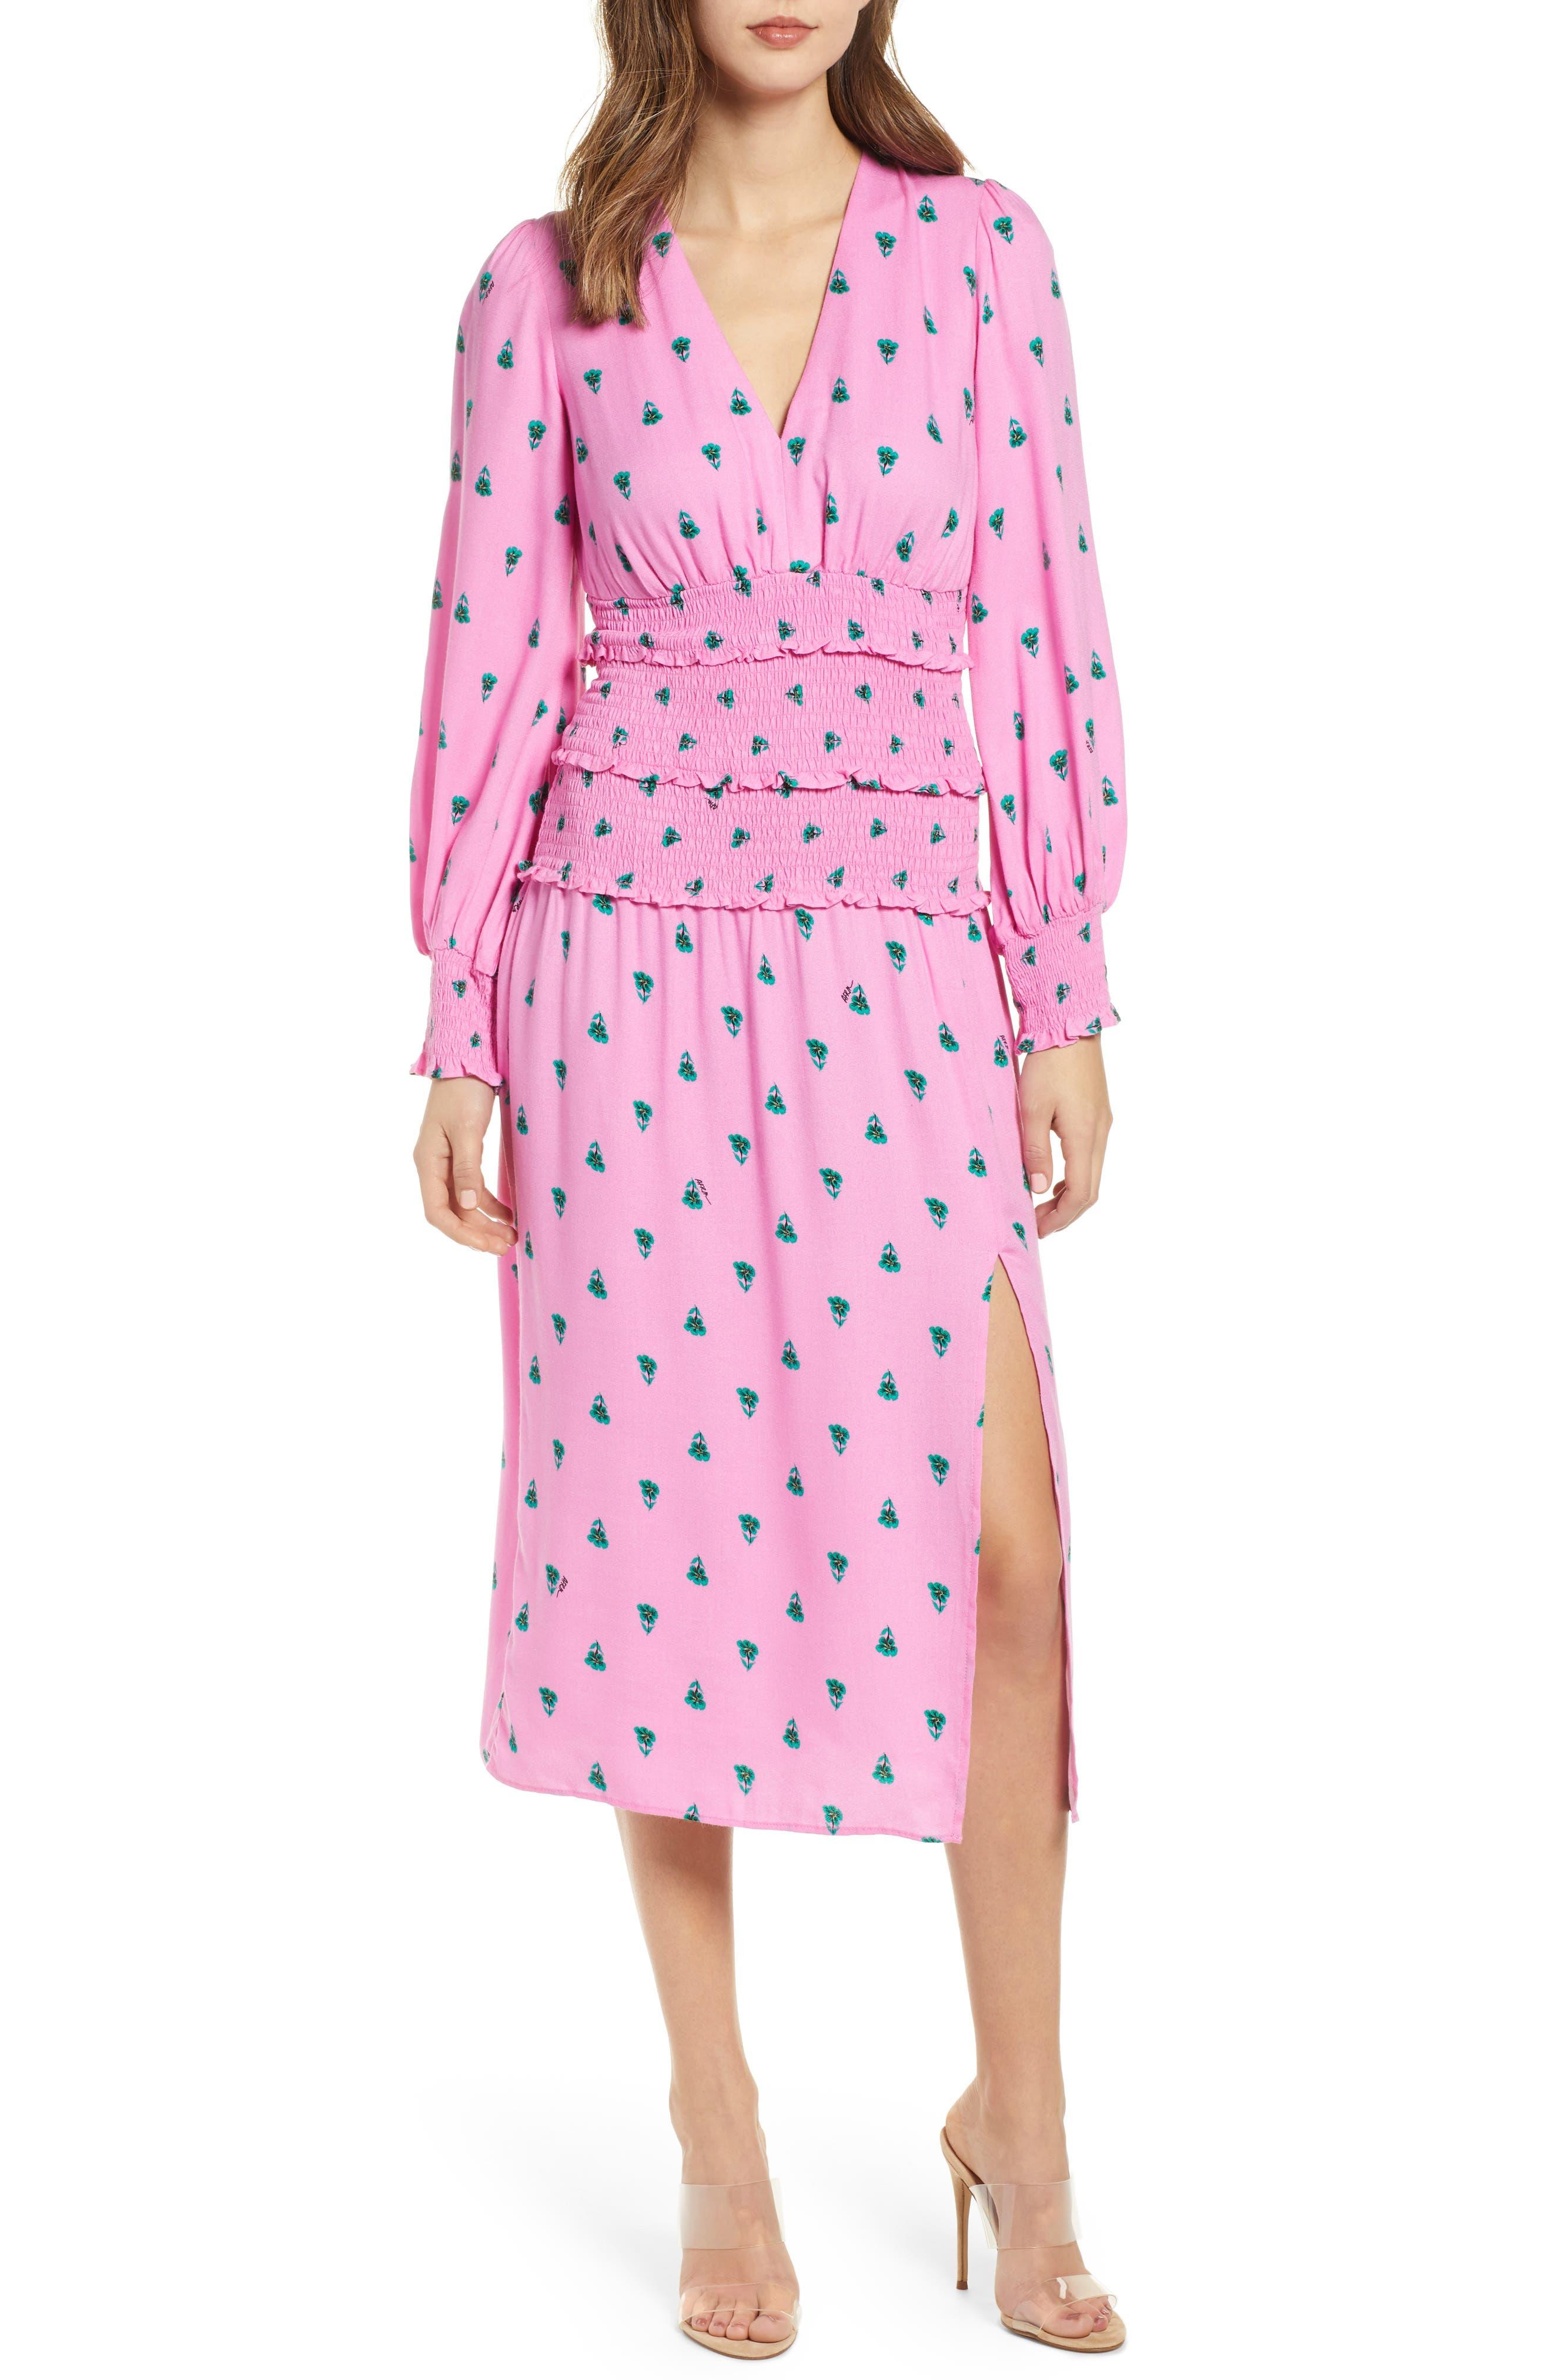 Afrm Hazel Print Smocked Crepe Dress, Pink